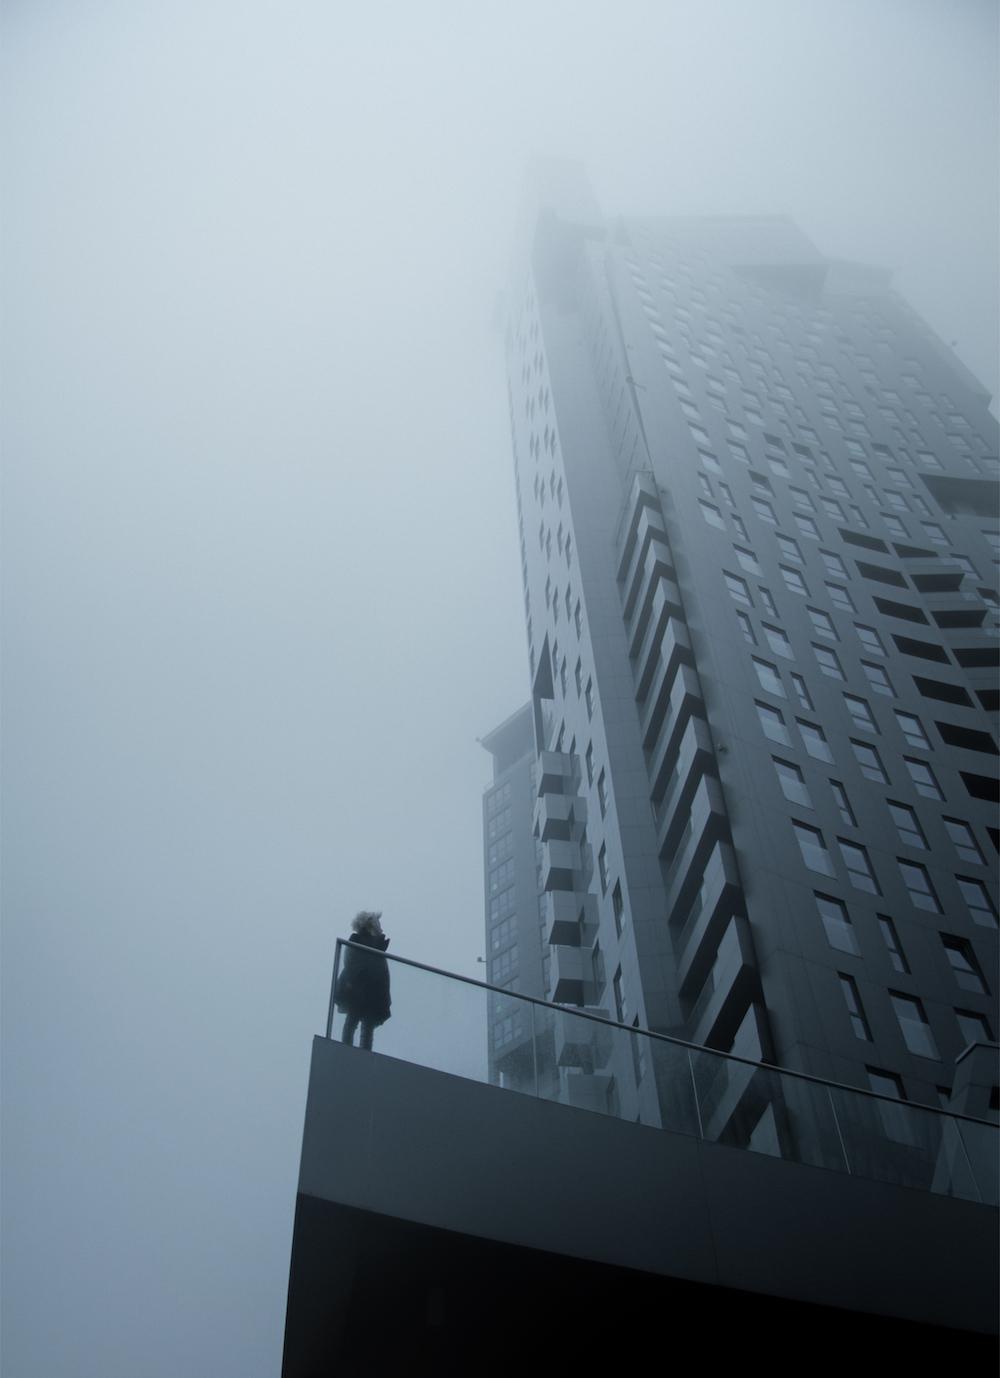 Na zdjeciu widzimy drapacz chmur we mgle na balkonie szarego budynku stoi drobna postac kobiety